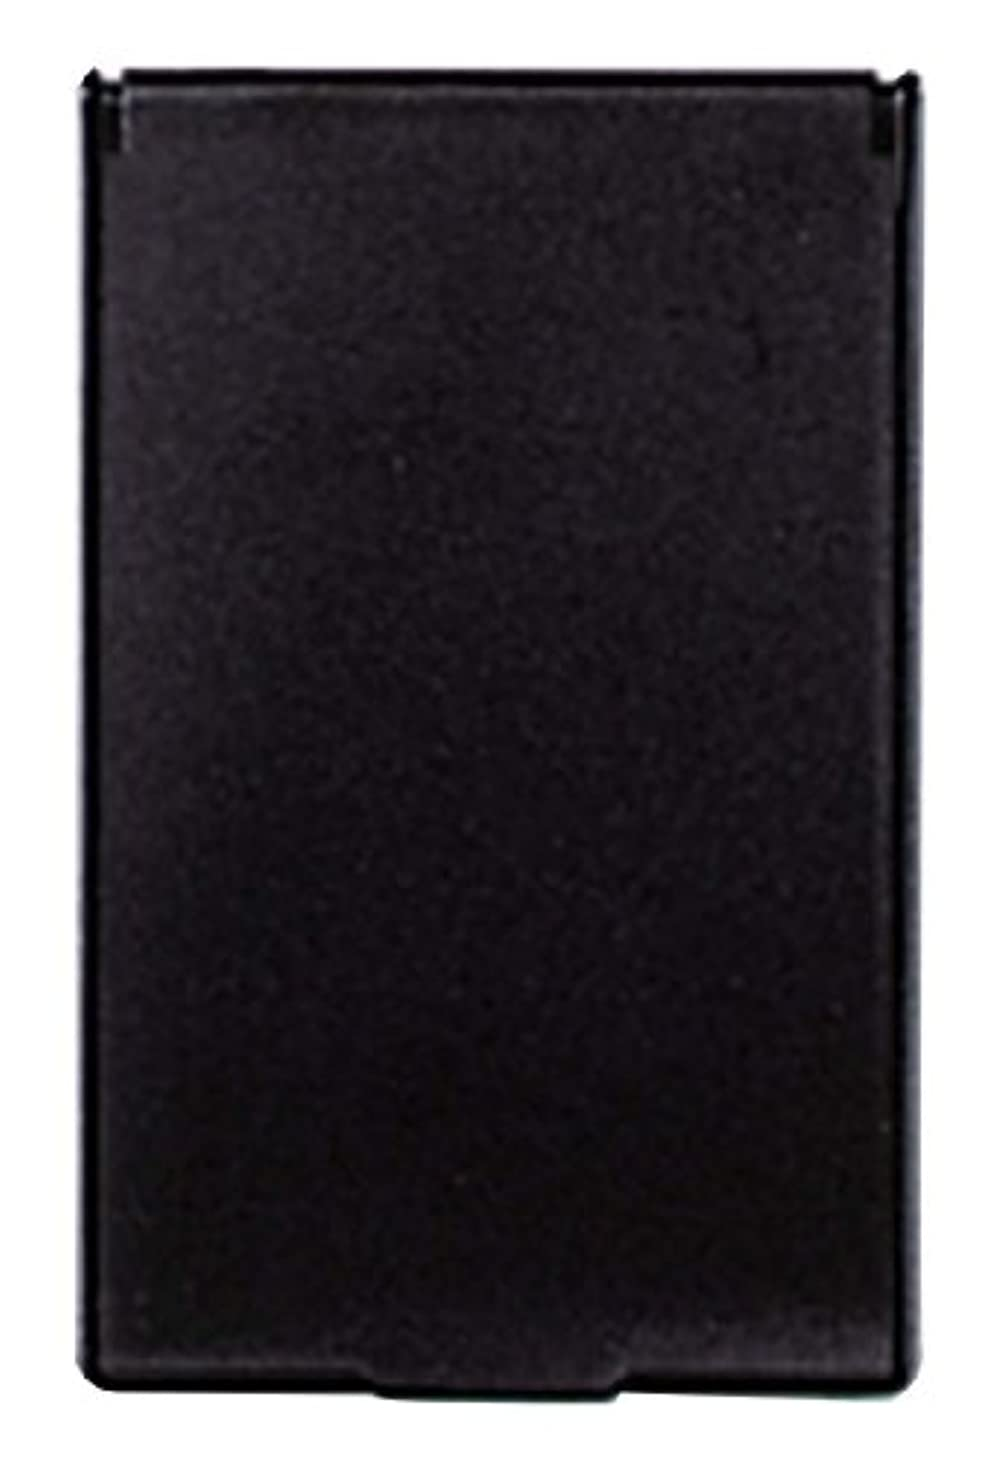 決済十年接触ビブレ 角型 コンパクトミラー S ブラック Y-3572